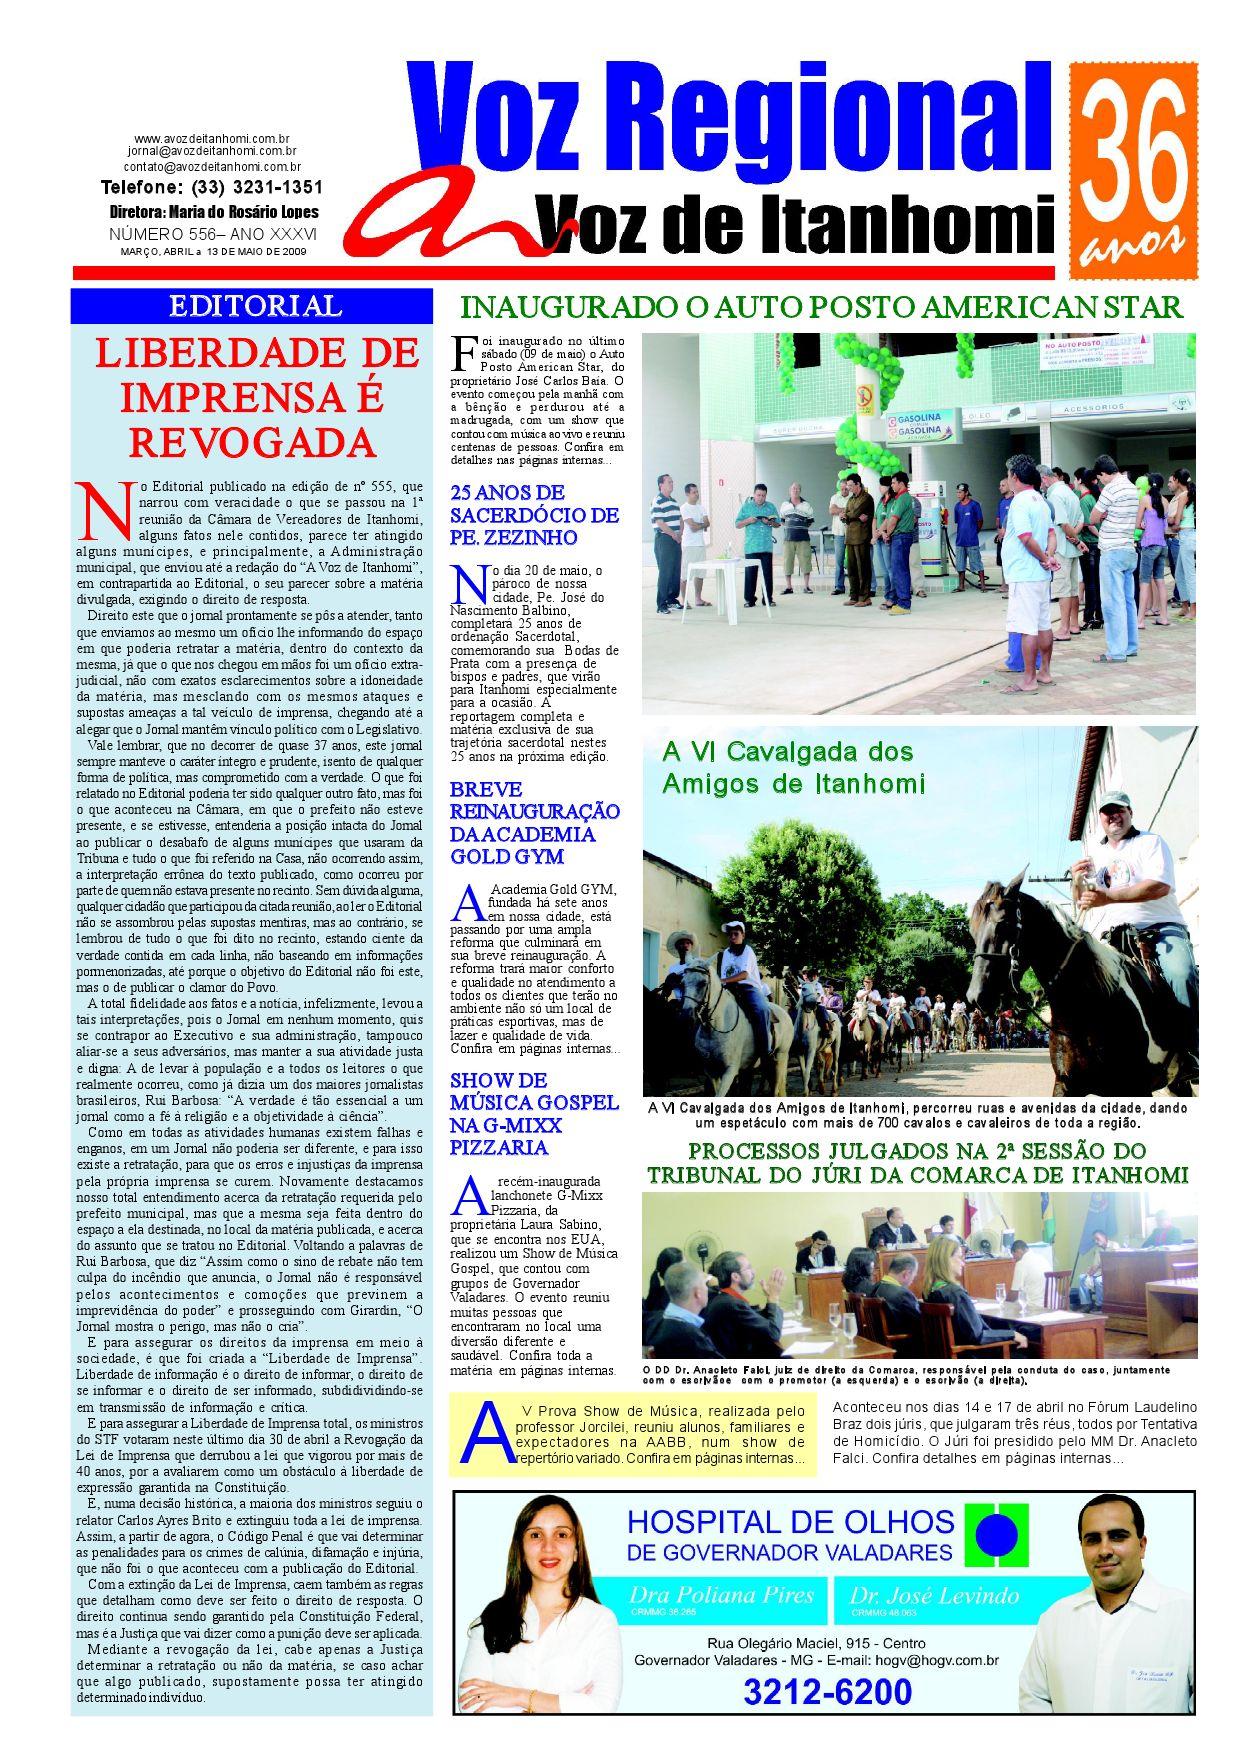 Anelise Pelada jornal a voz de itanhomi - edição nº 556jornal a voz de